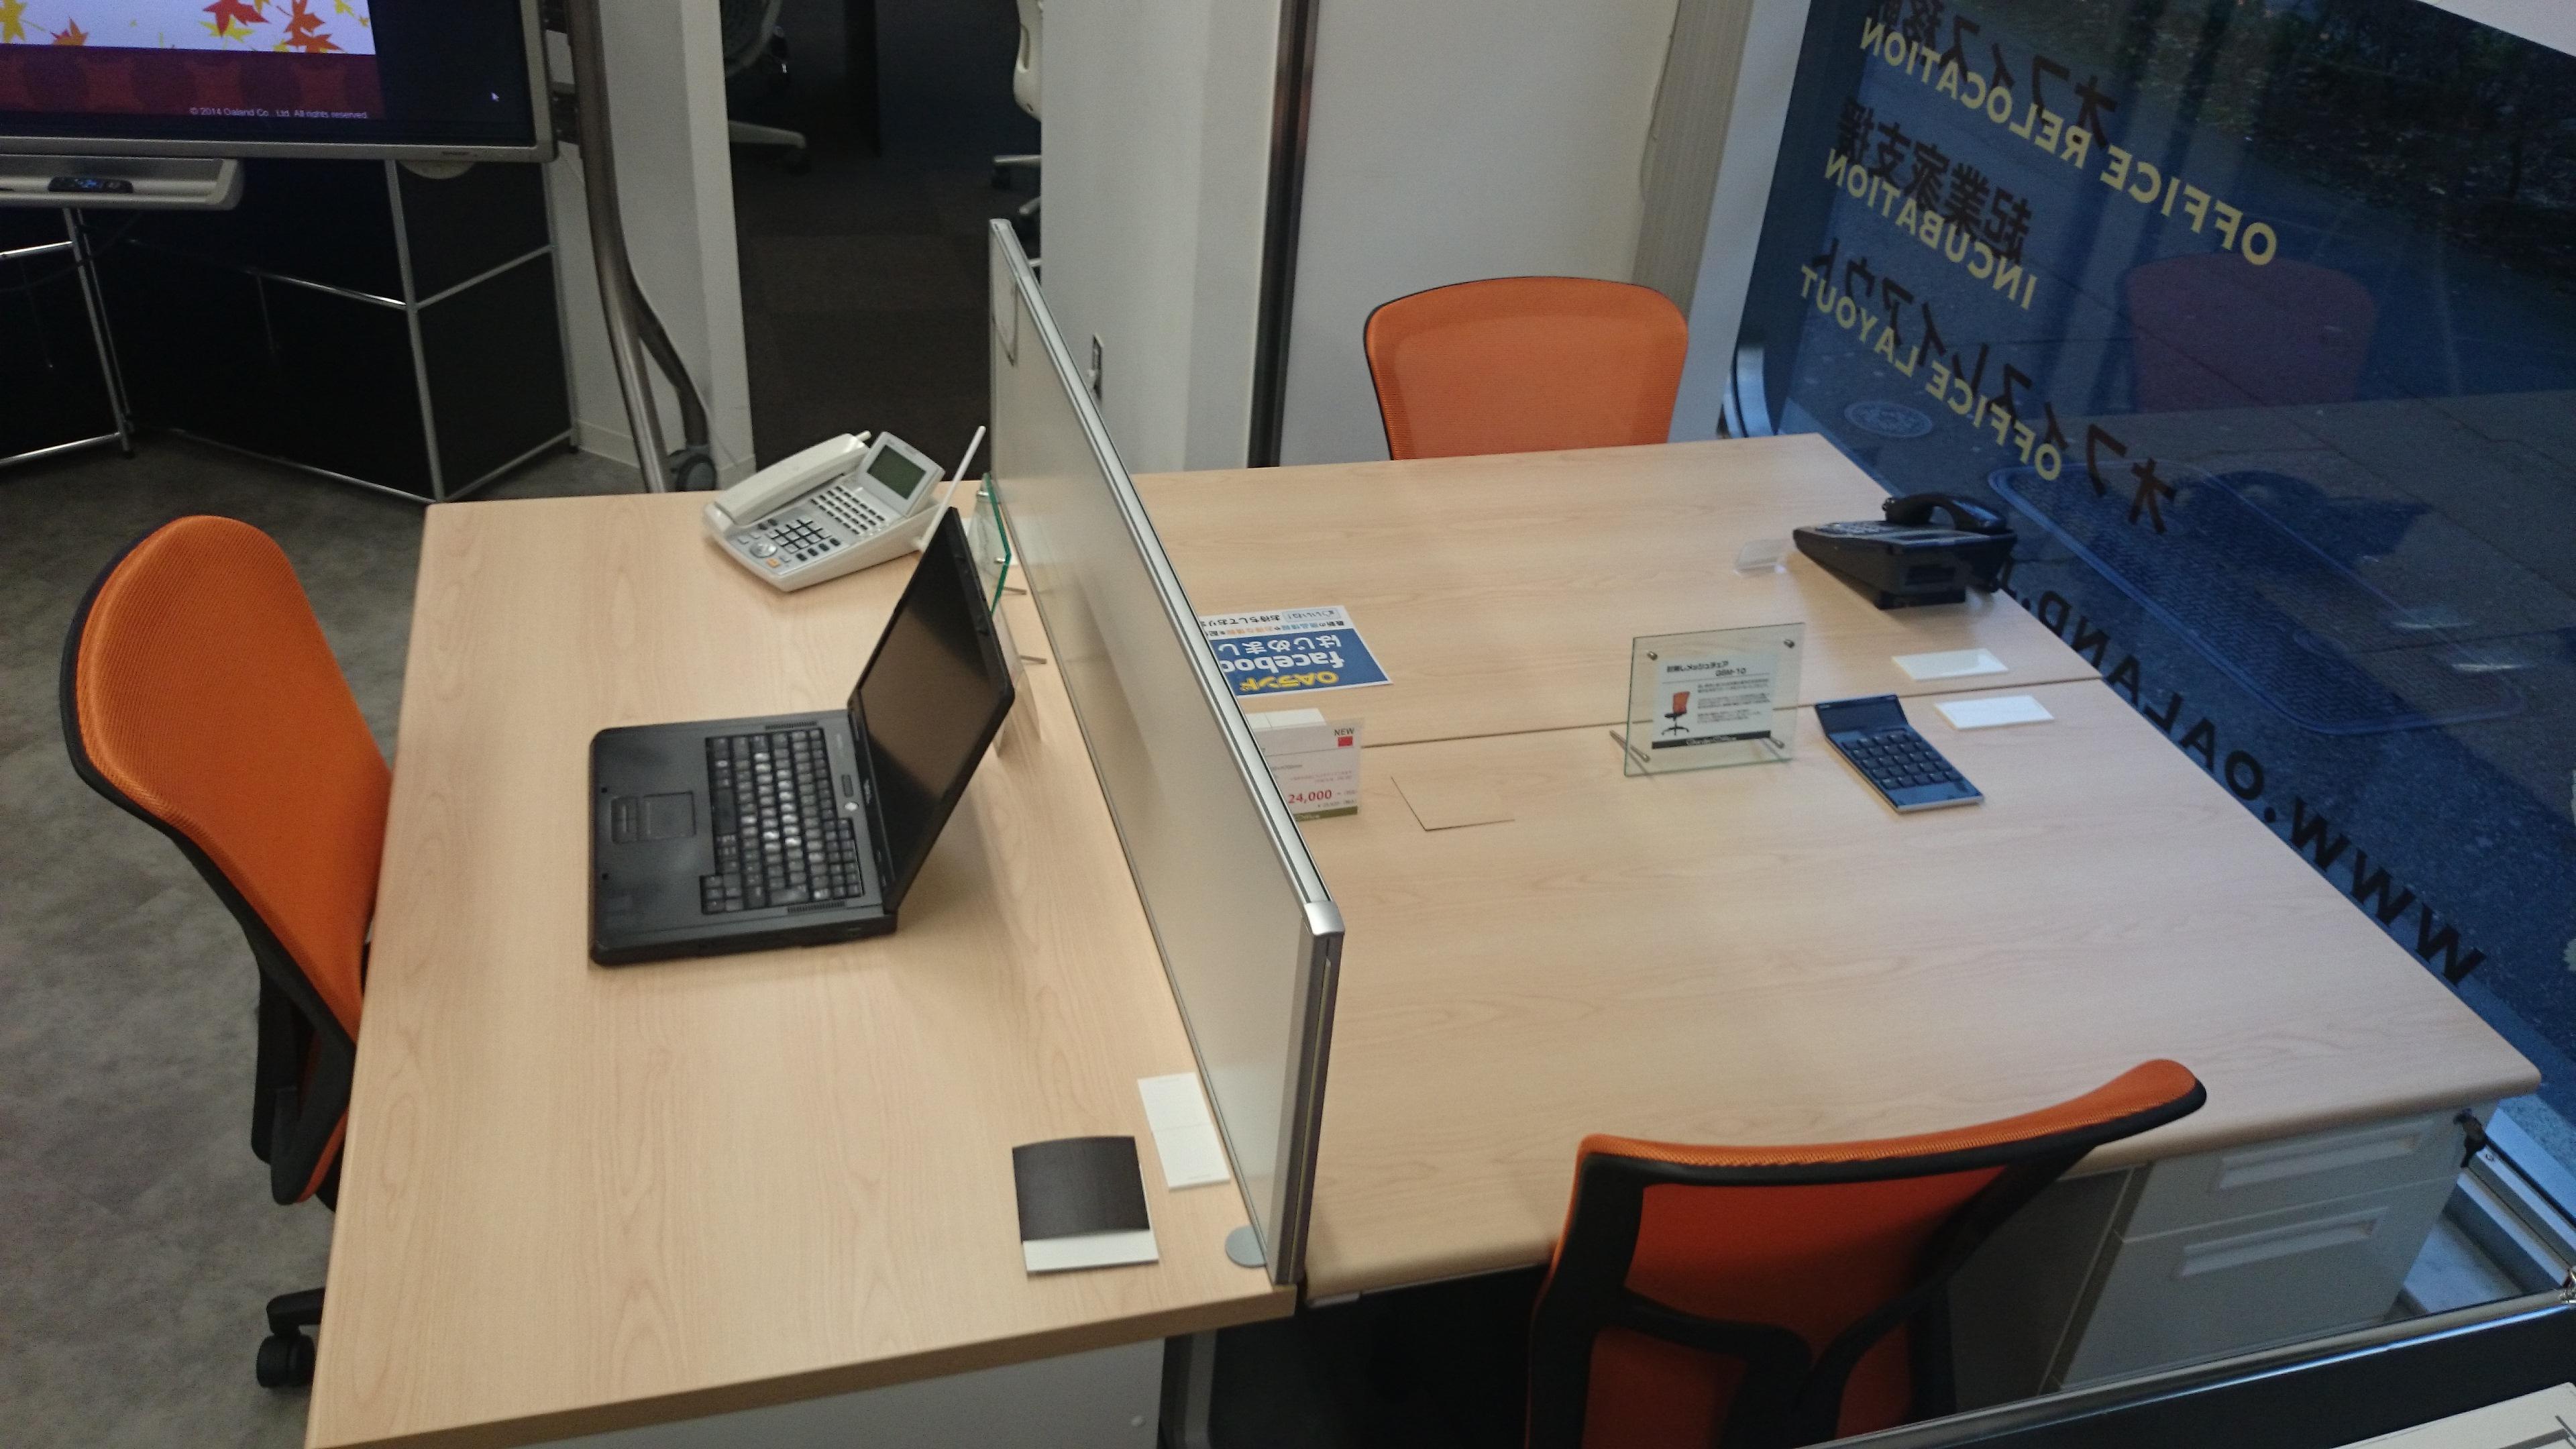 オフィス開設やご移転もお任せください!回線手配から間仕切り工事まで承ります。のイメージ